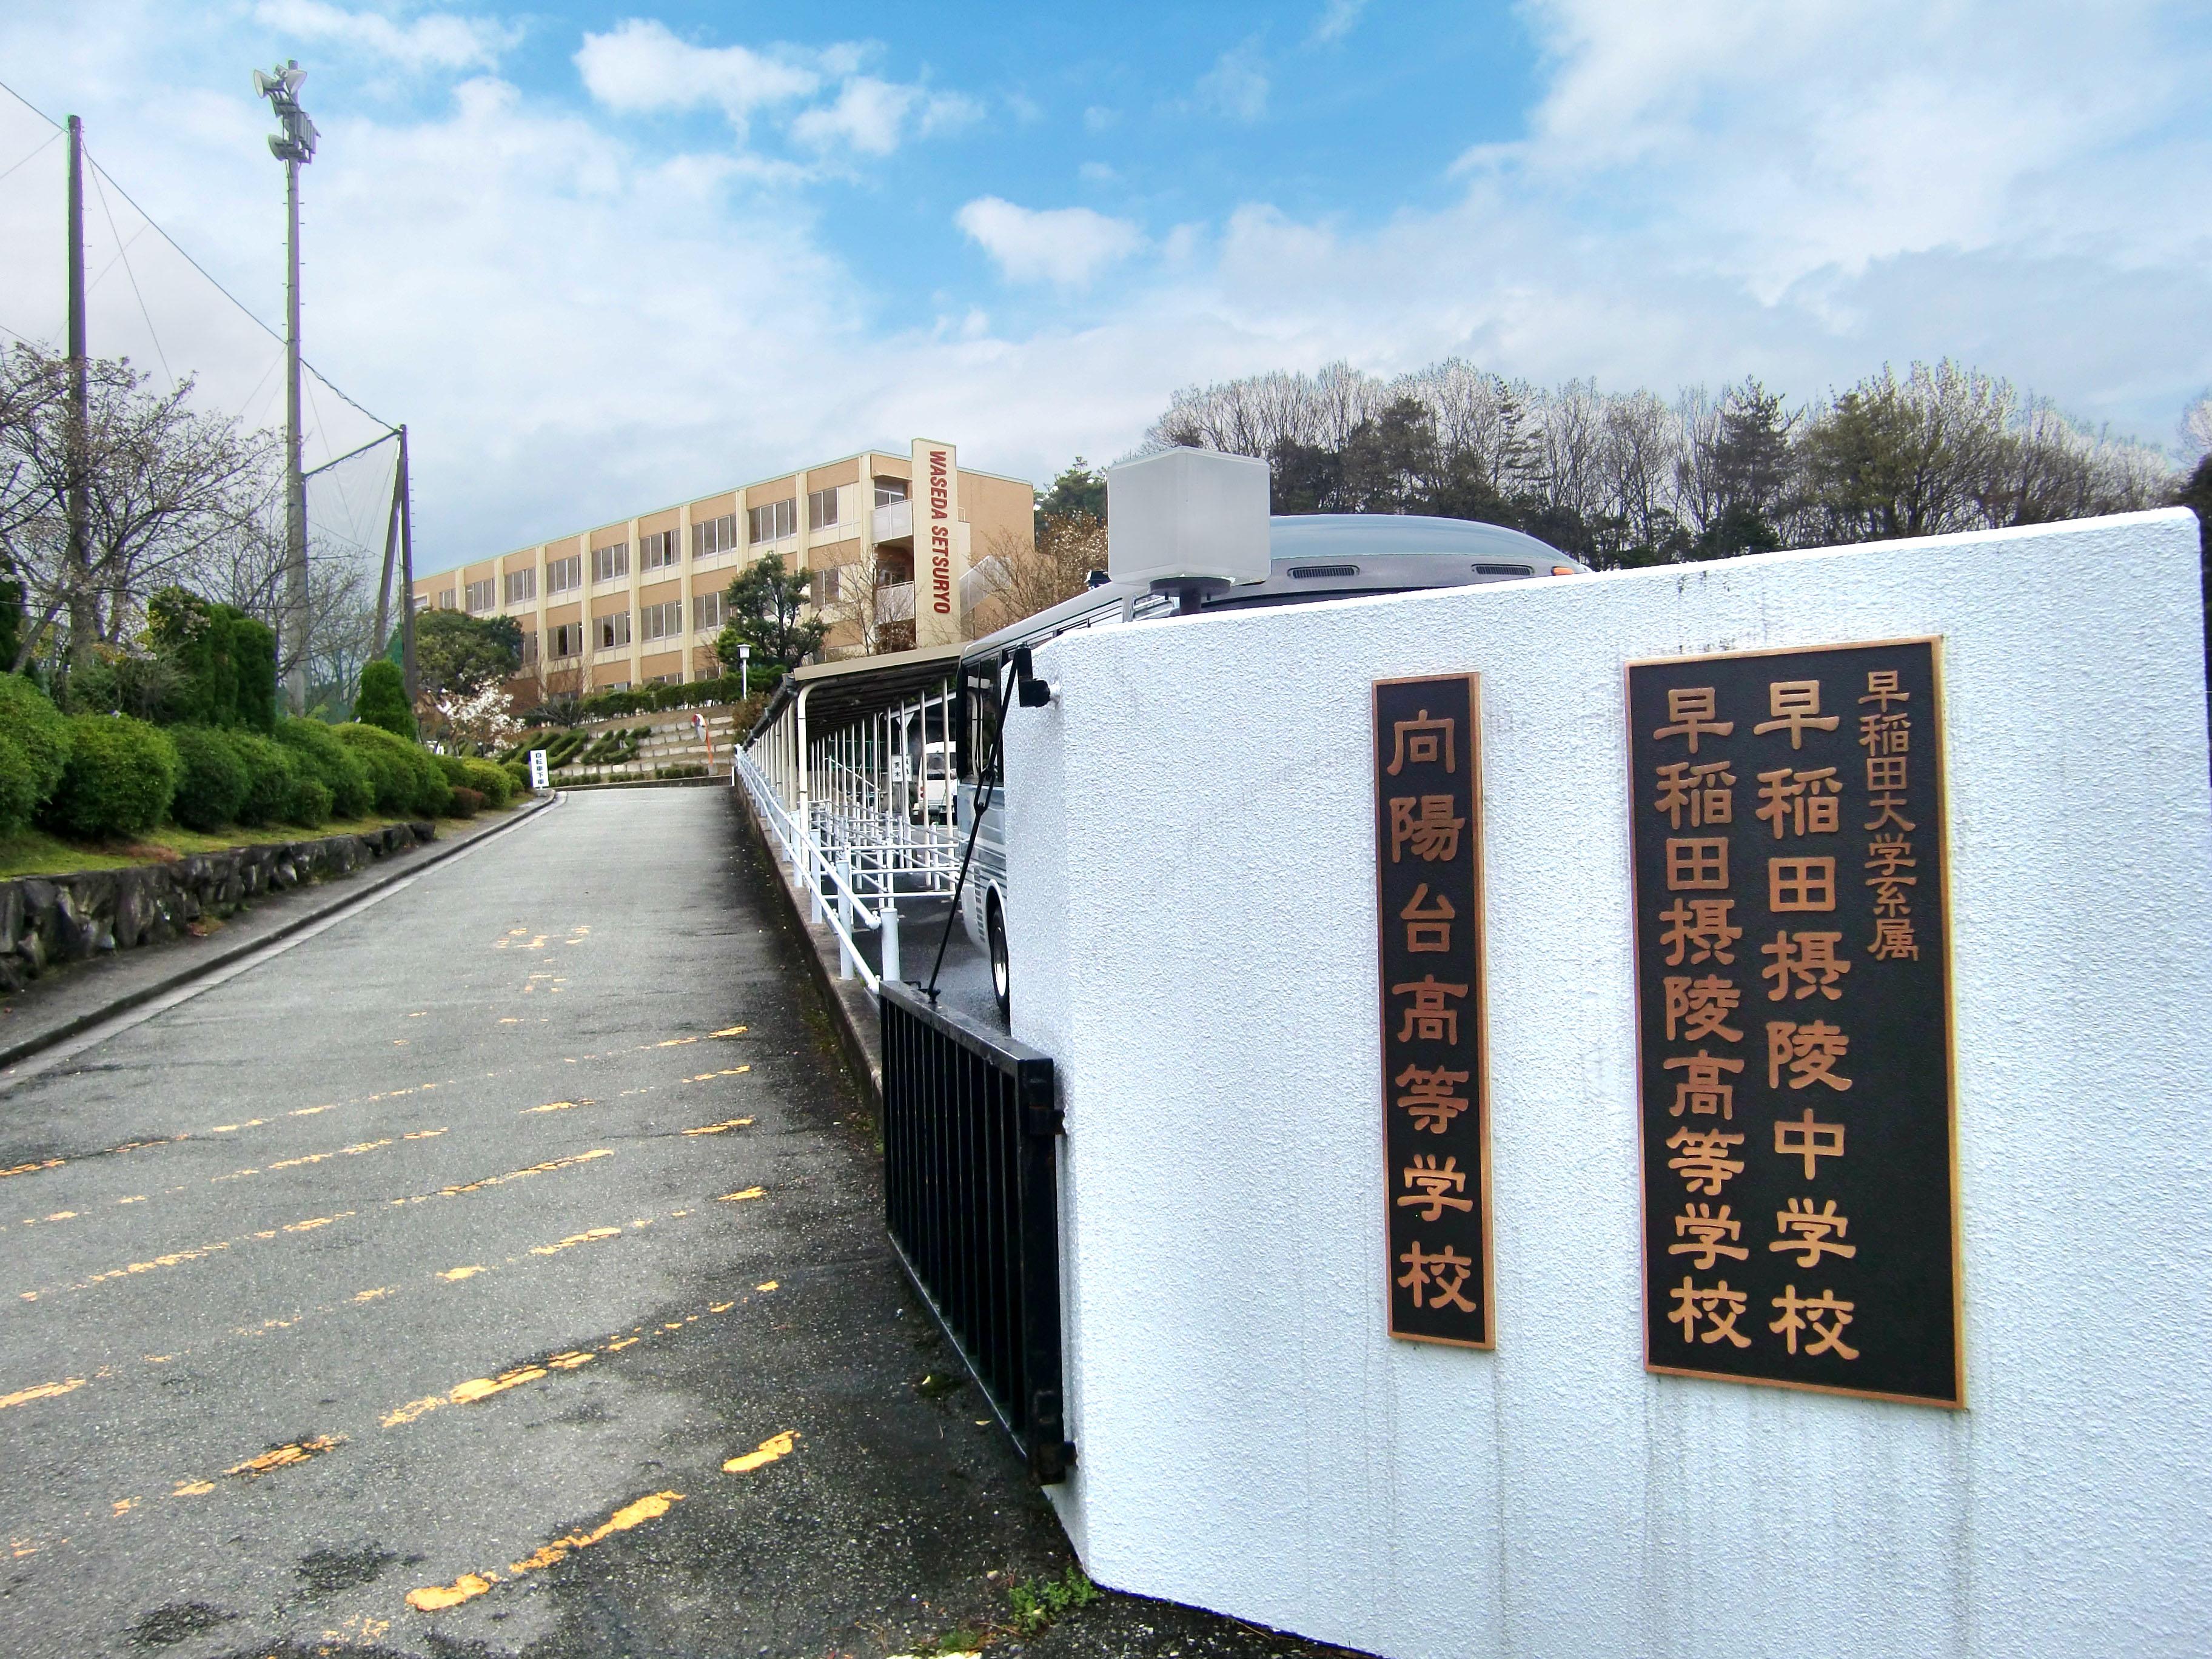 大学 部 早稲田 中学 高等 学院